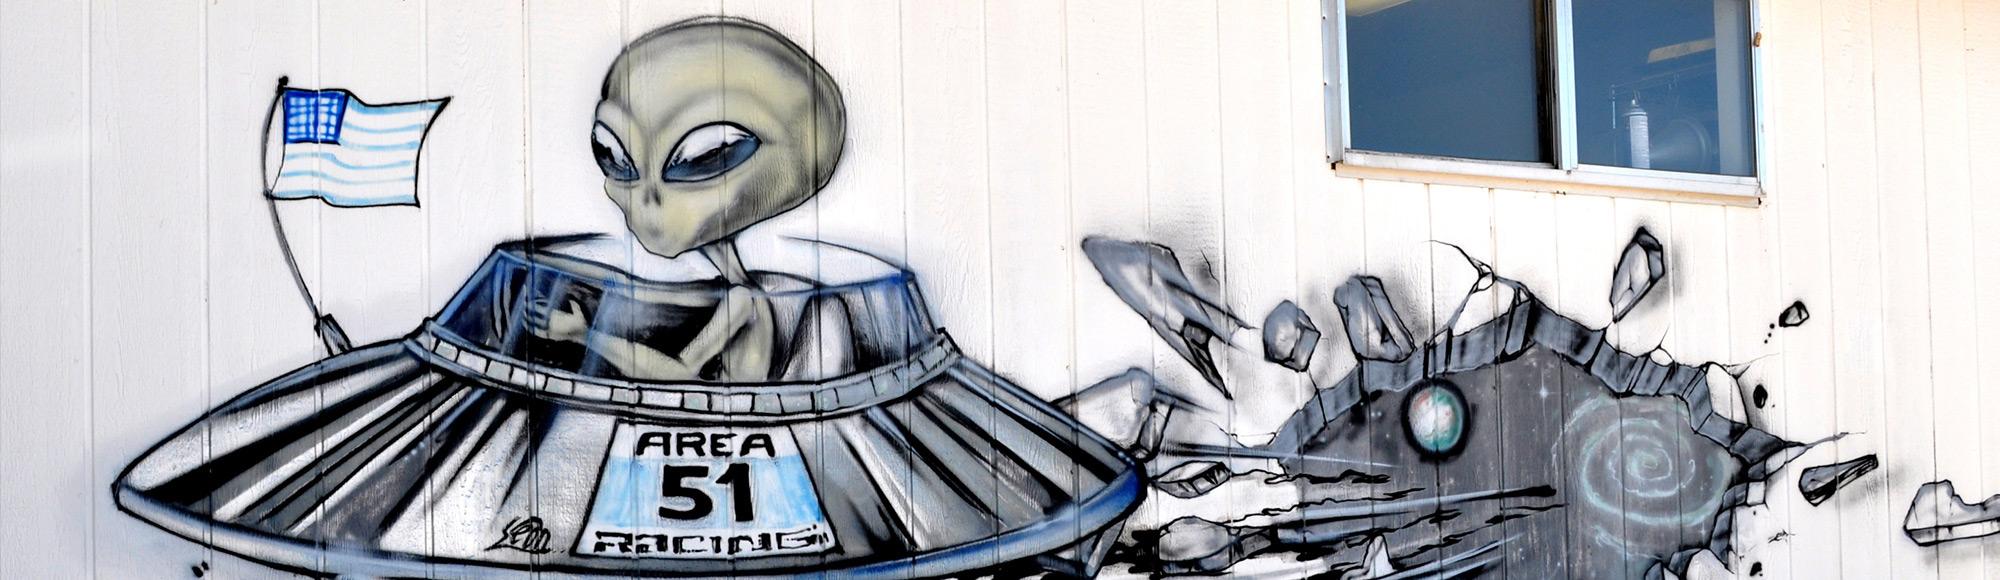 Area 51 Tour tour